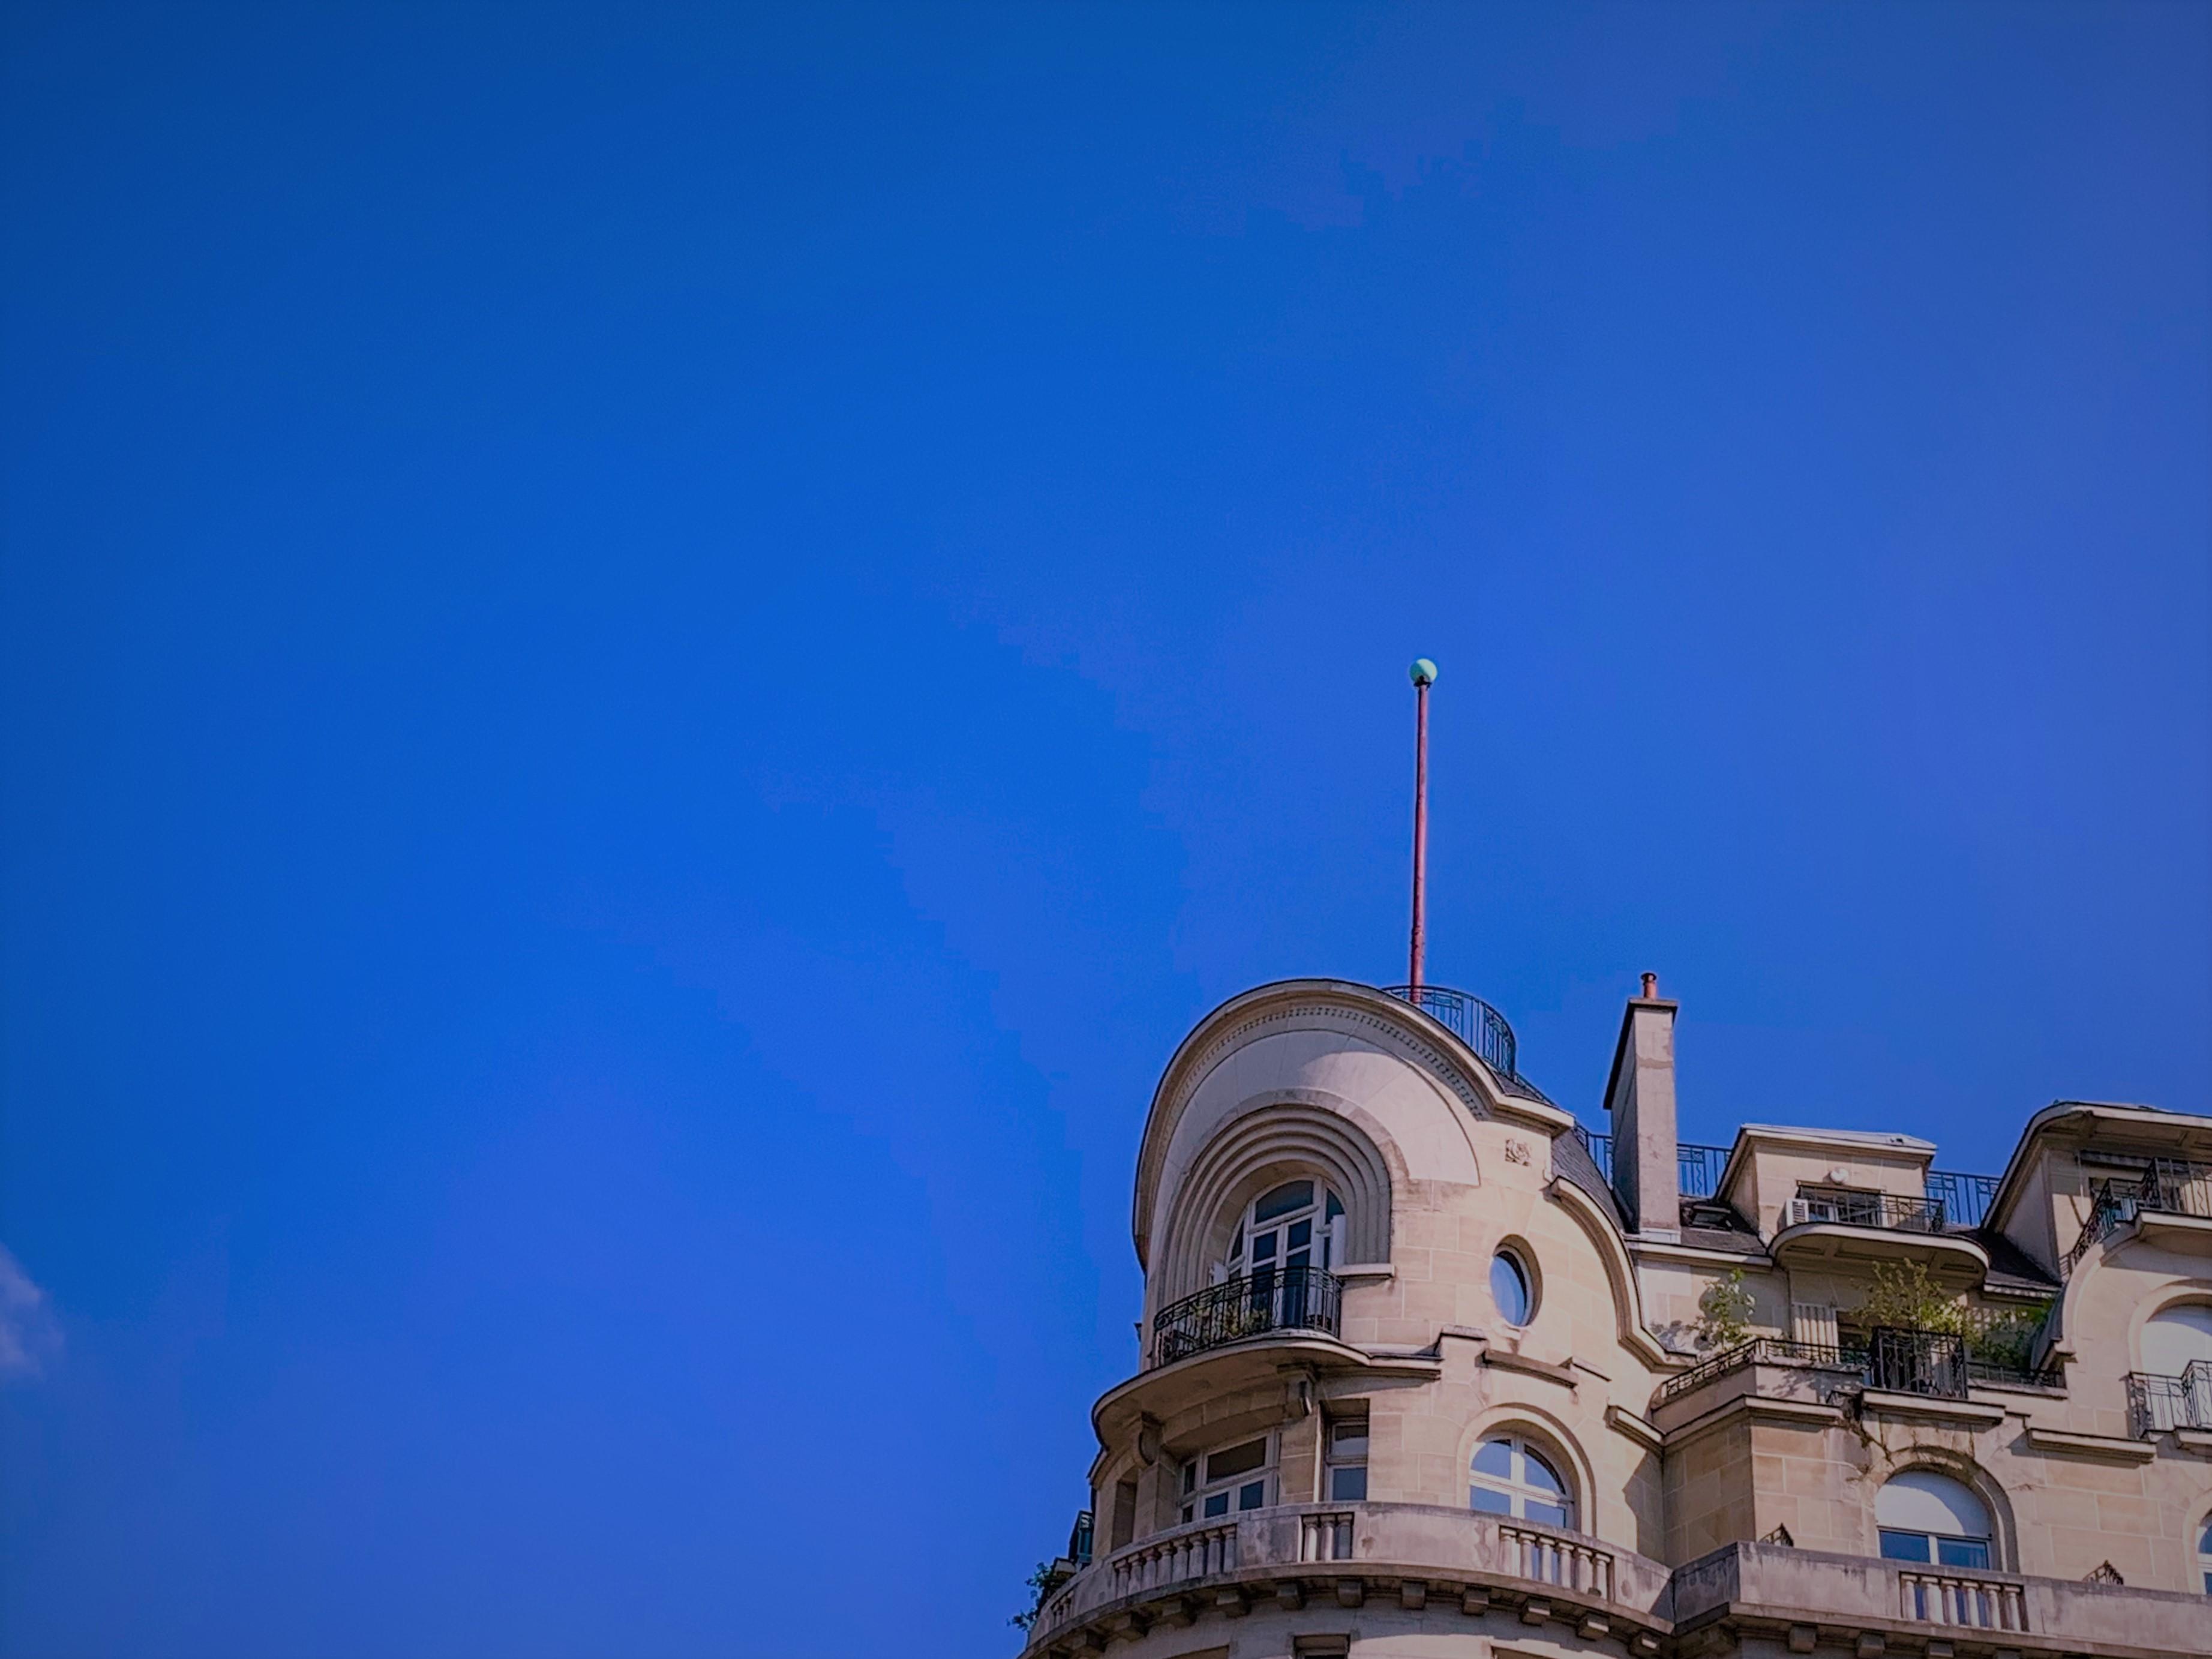 Acheter un bien immobilier ou louer? Les réponses du cabinet Gratade